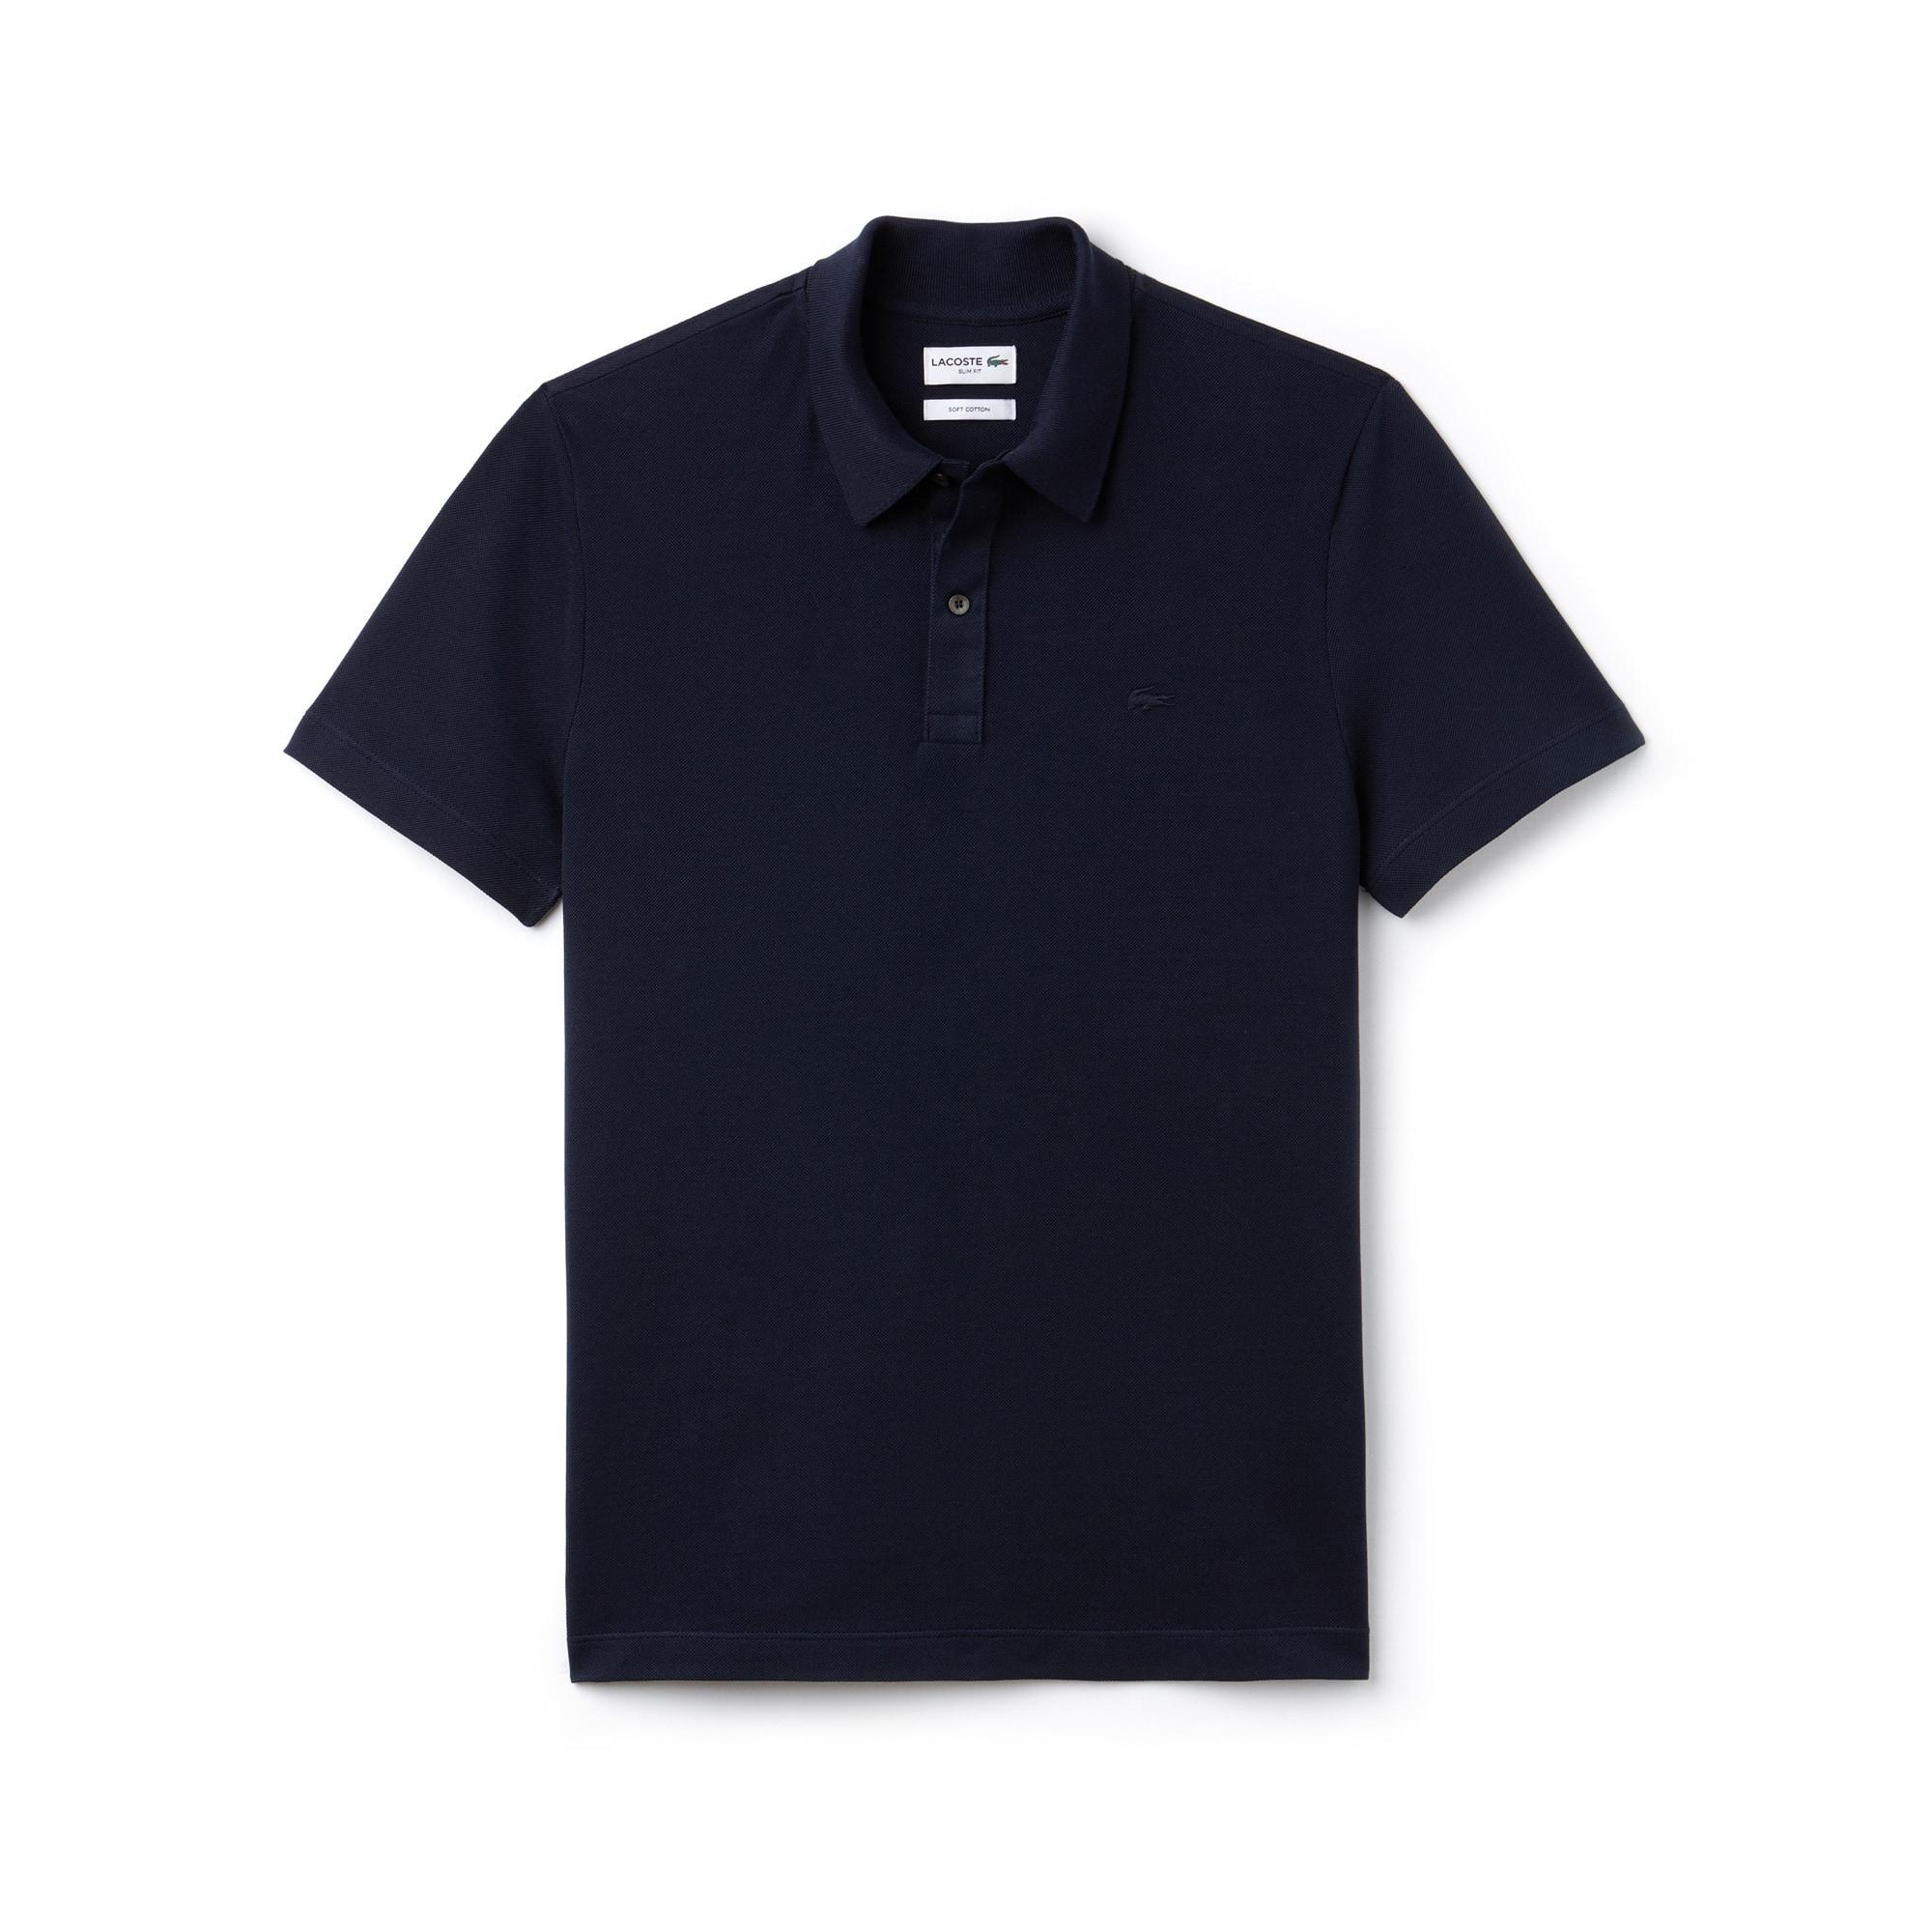 Slim Fit Herren-Polo aus einfarbigem Baumwoll-Piqué